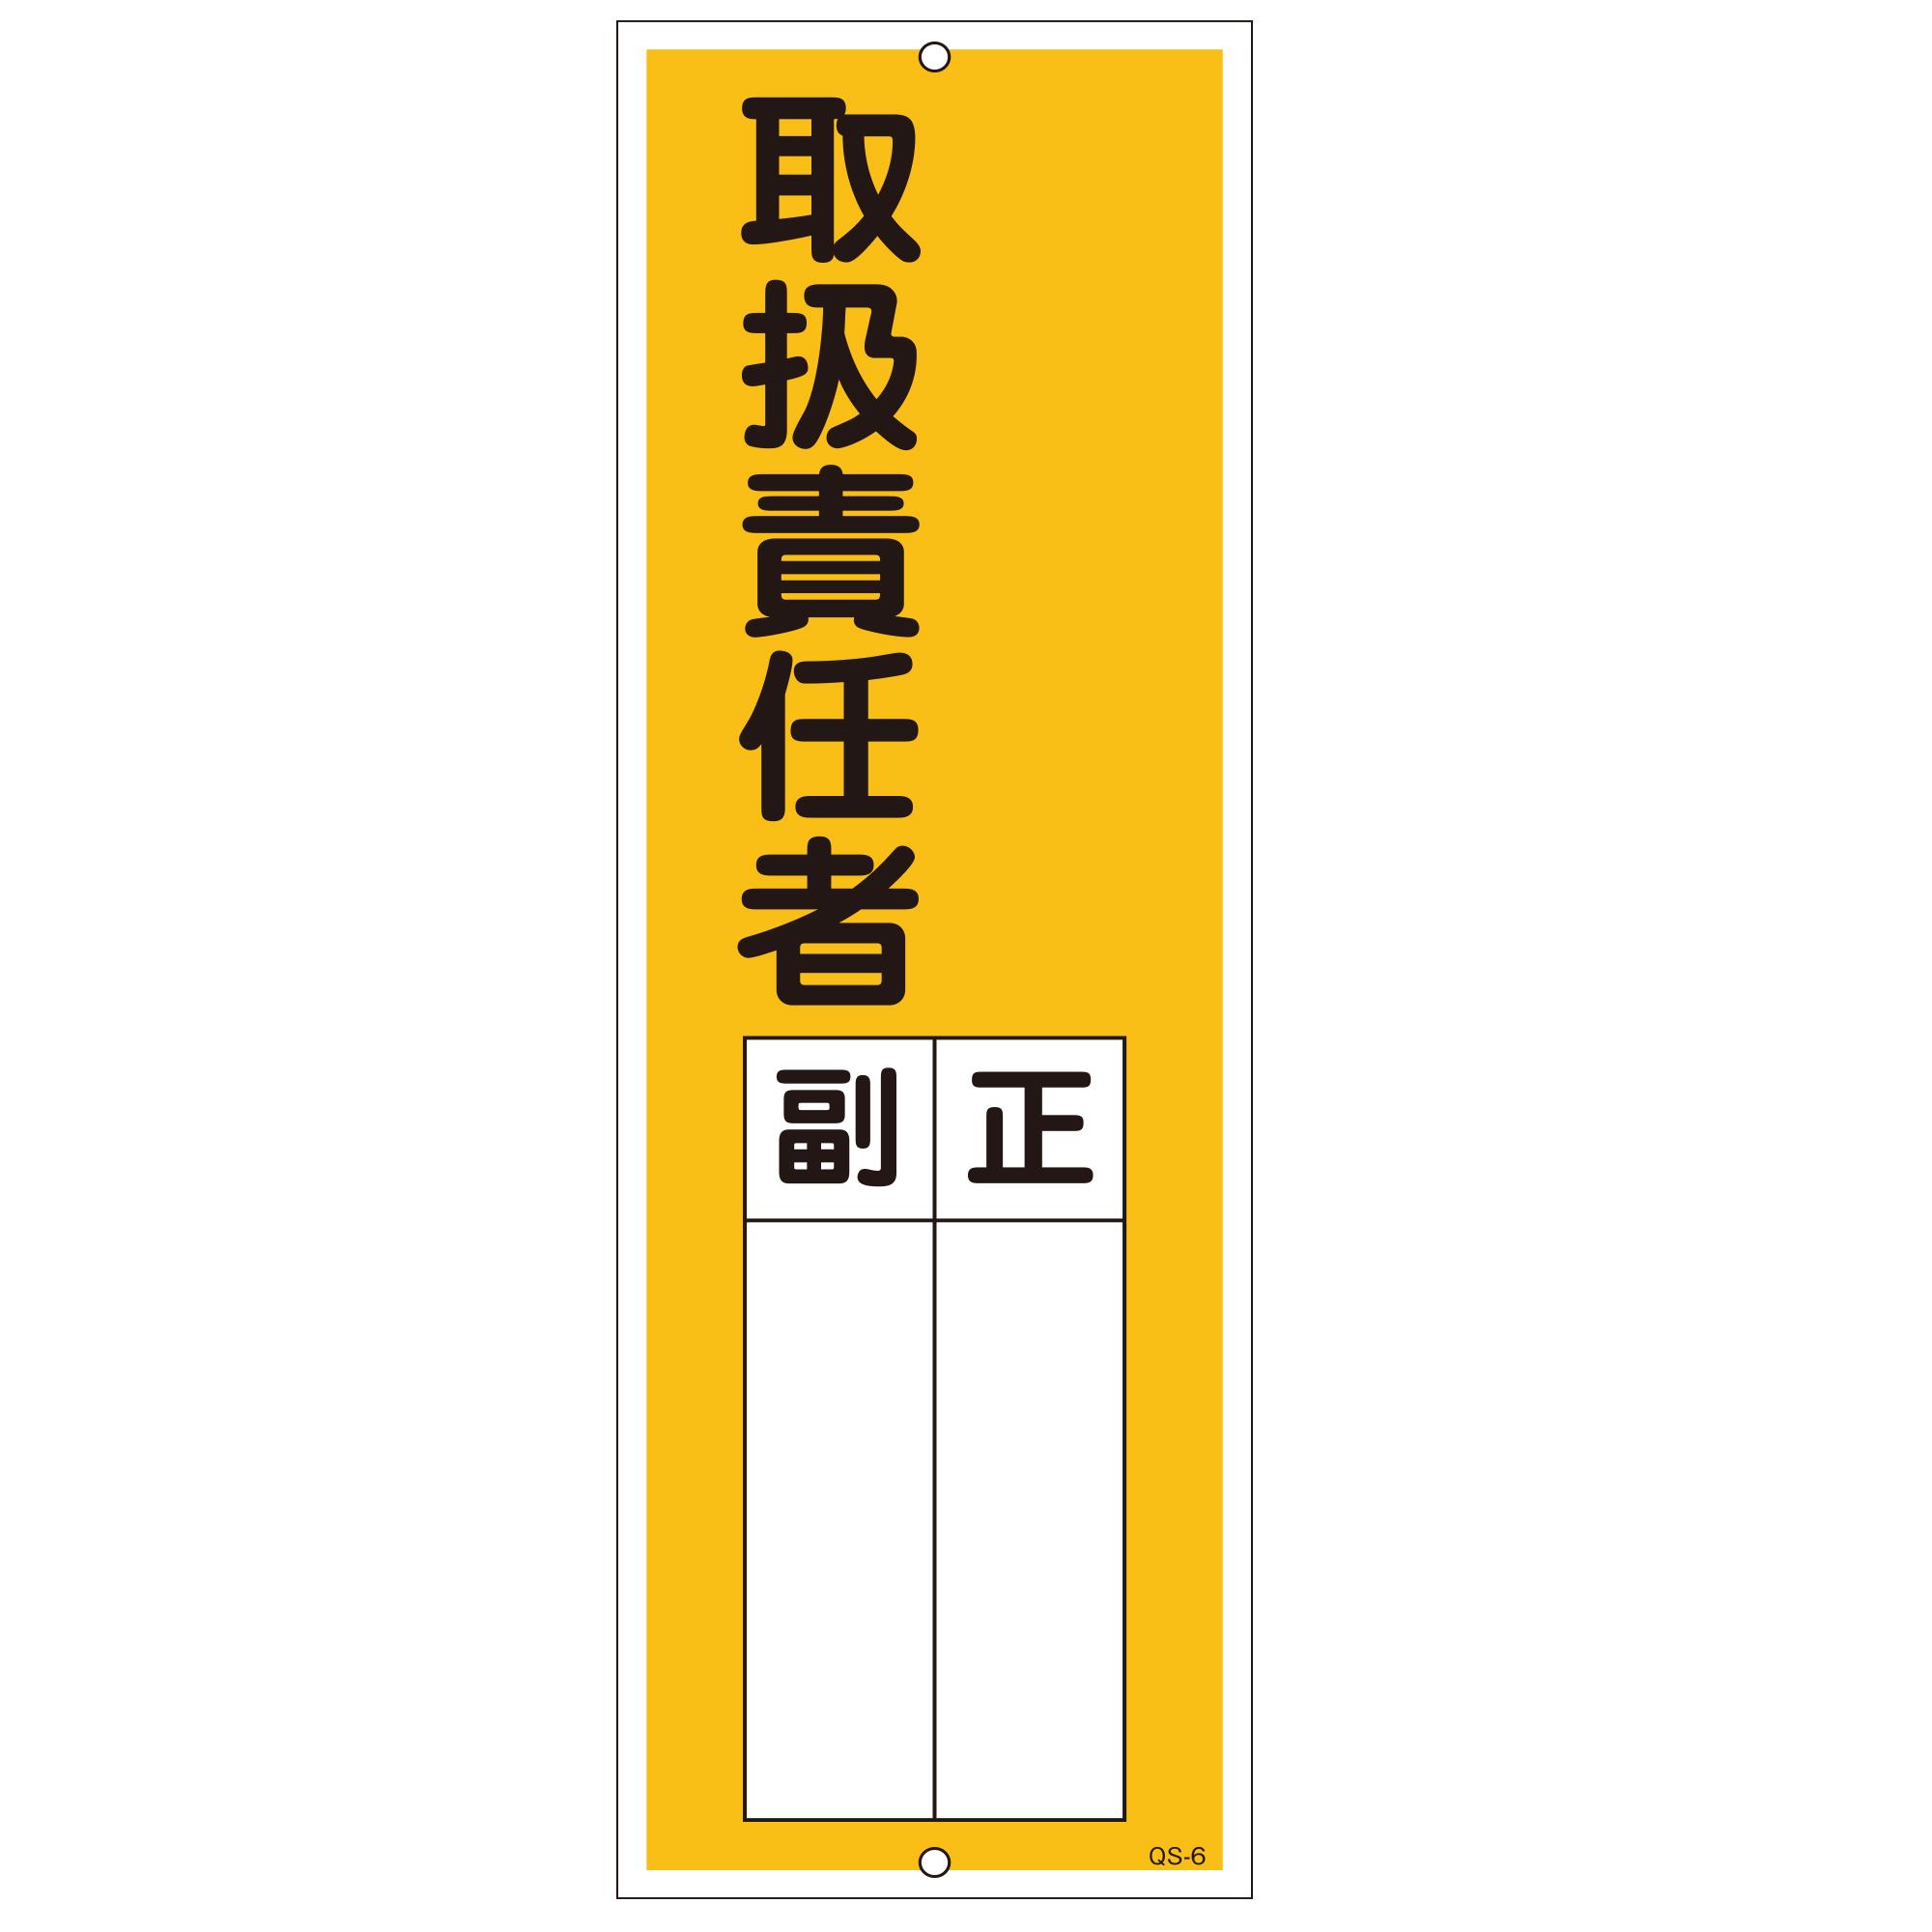 一般安全標識QS-6 取扱責任者 200X65